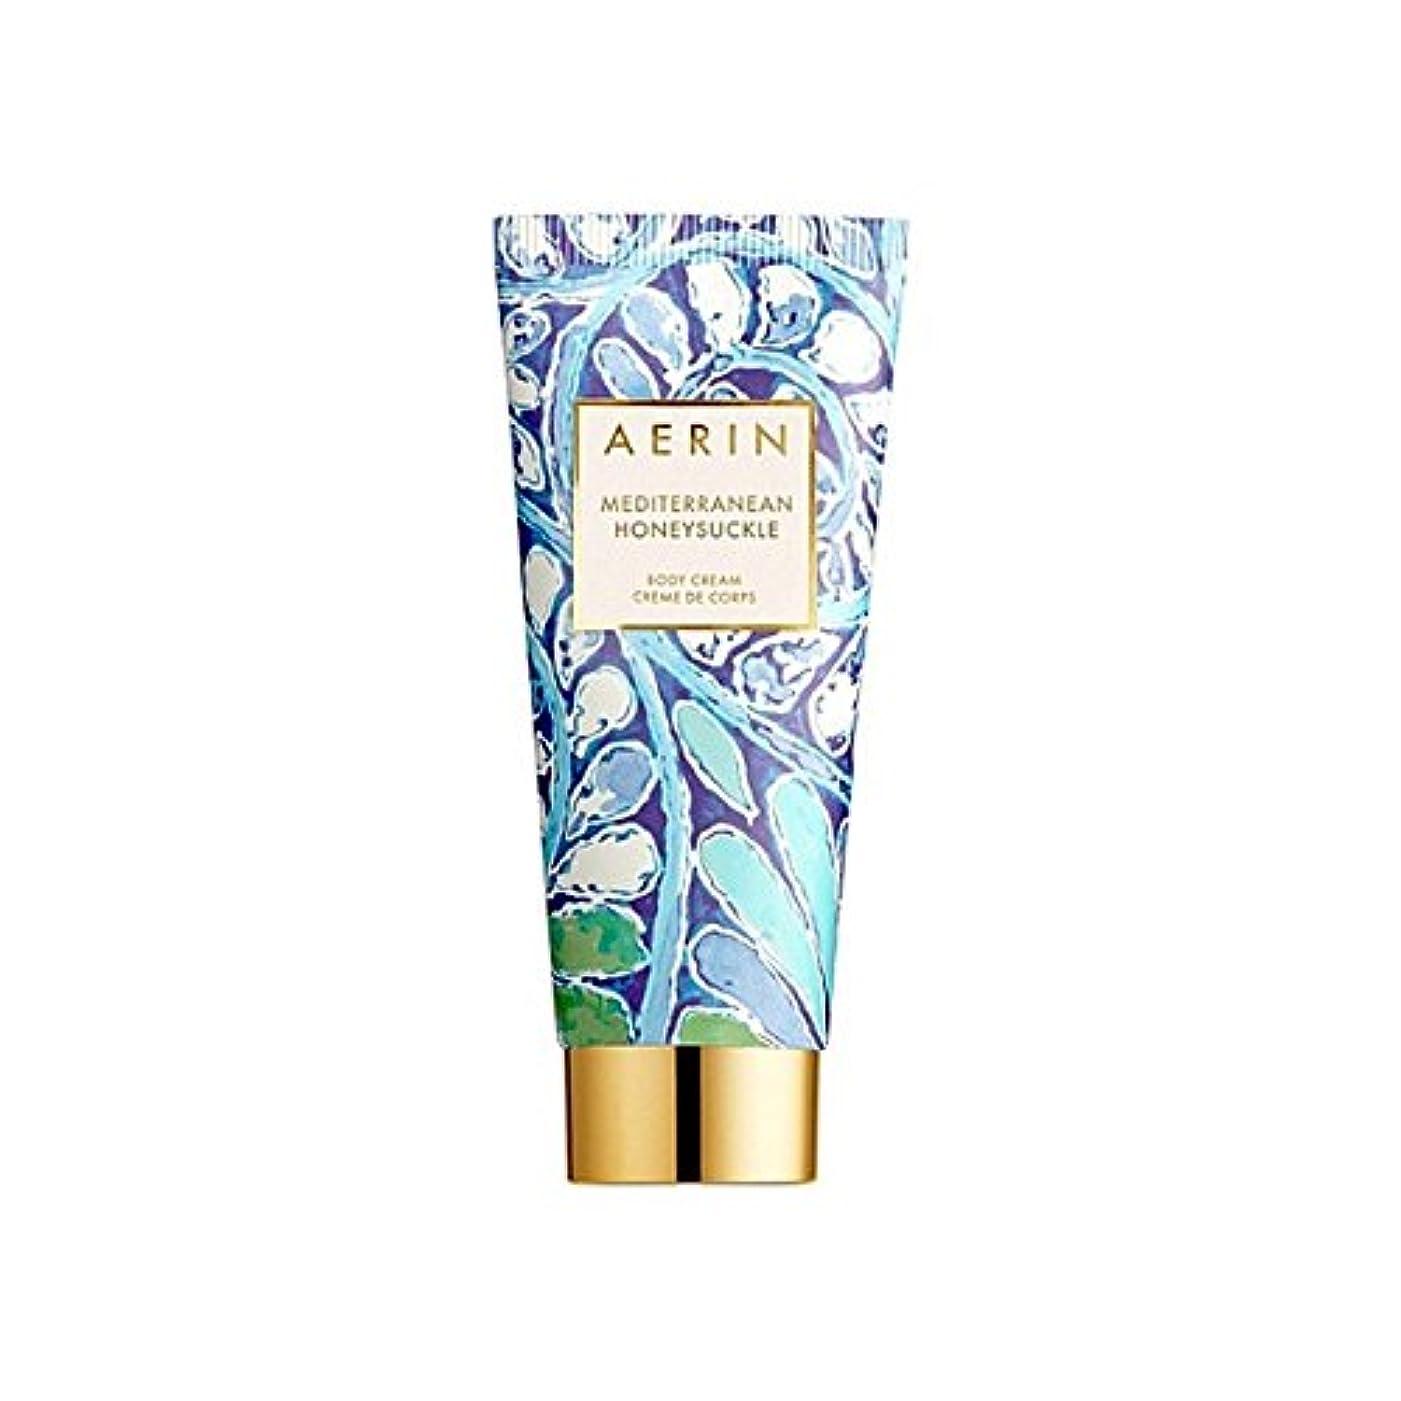 傾向があるベジタリアンスカーフAerin Mediterrenean Honeysuckle Body Cream 150ml - スイカズラボディクリーム150ミリリットル [並行輸入品]